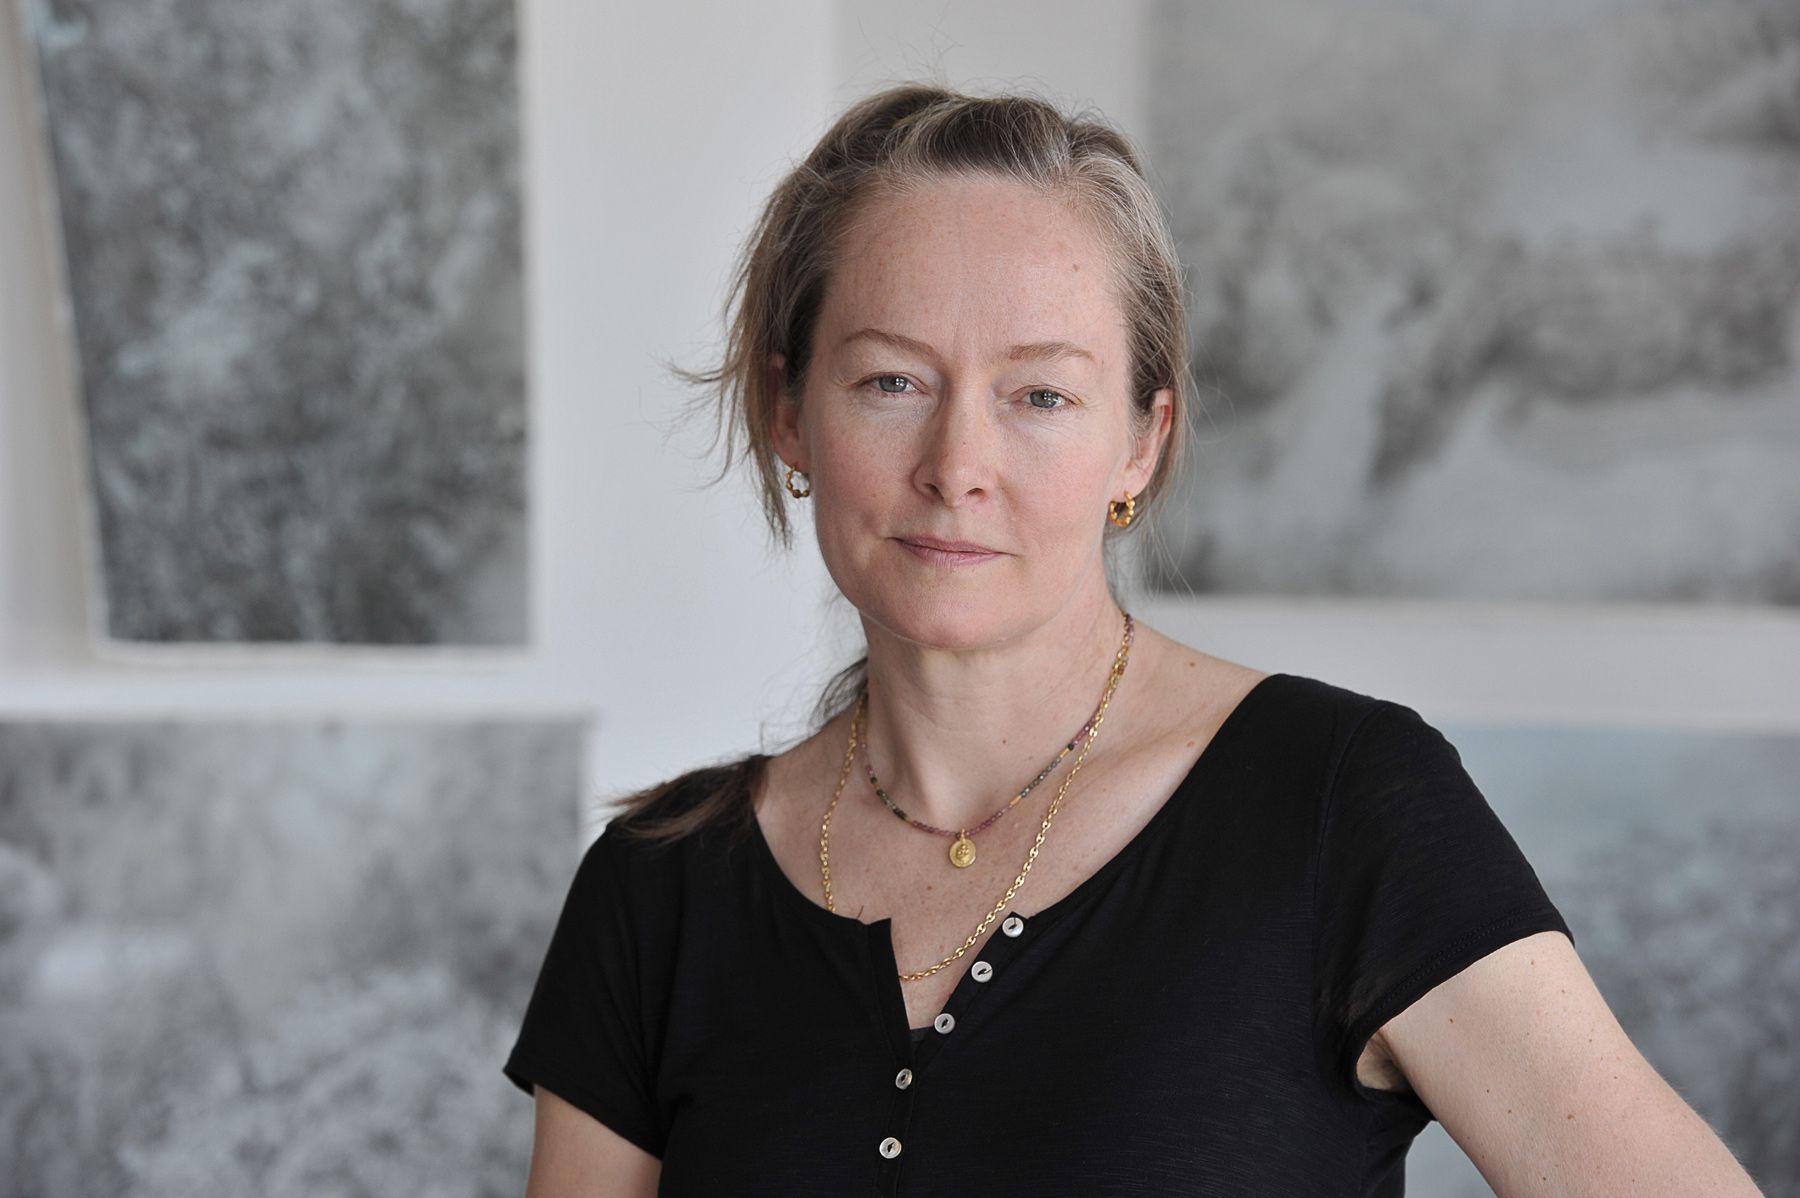 Linda Darling, painter